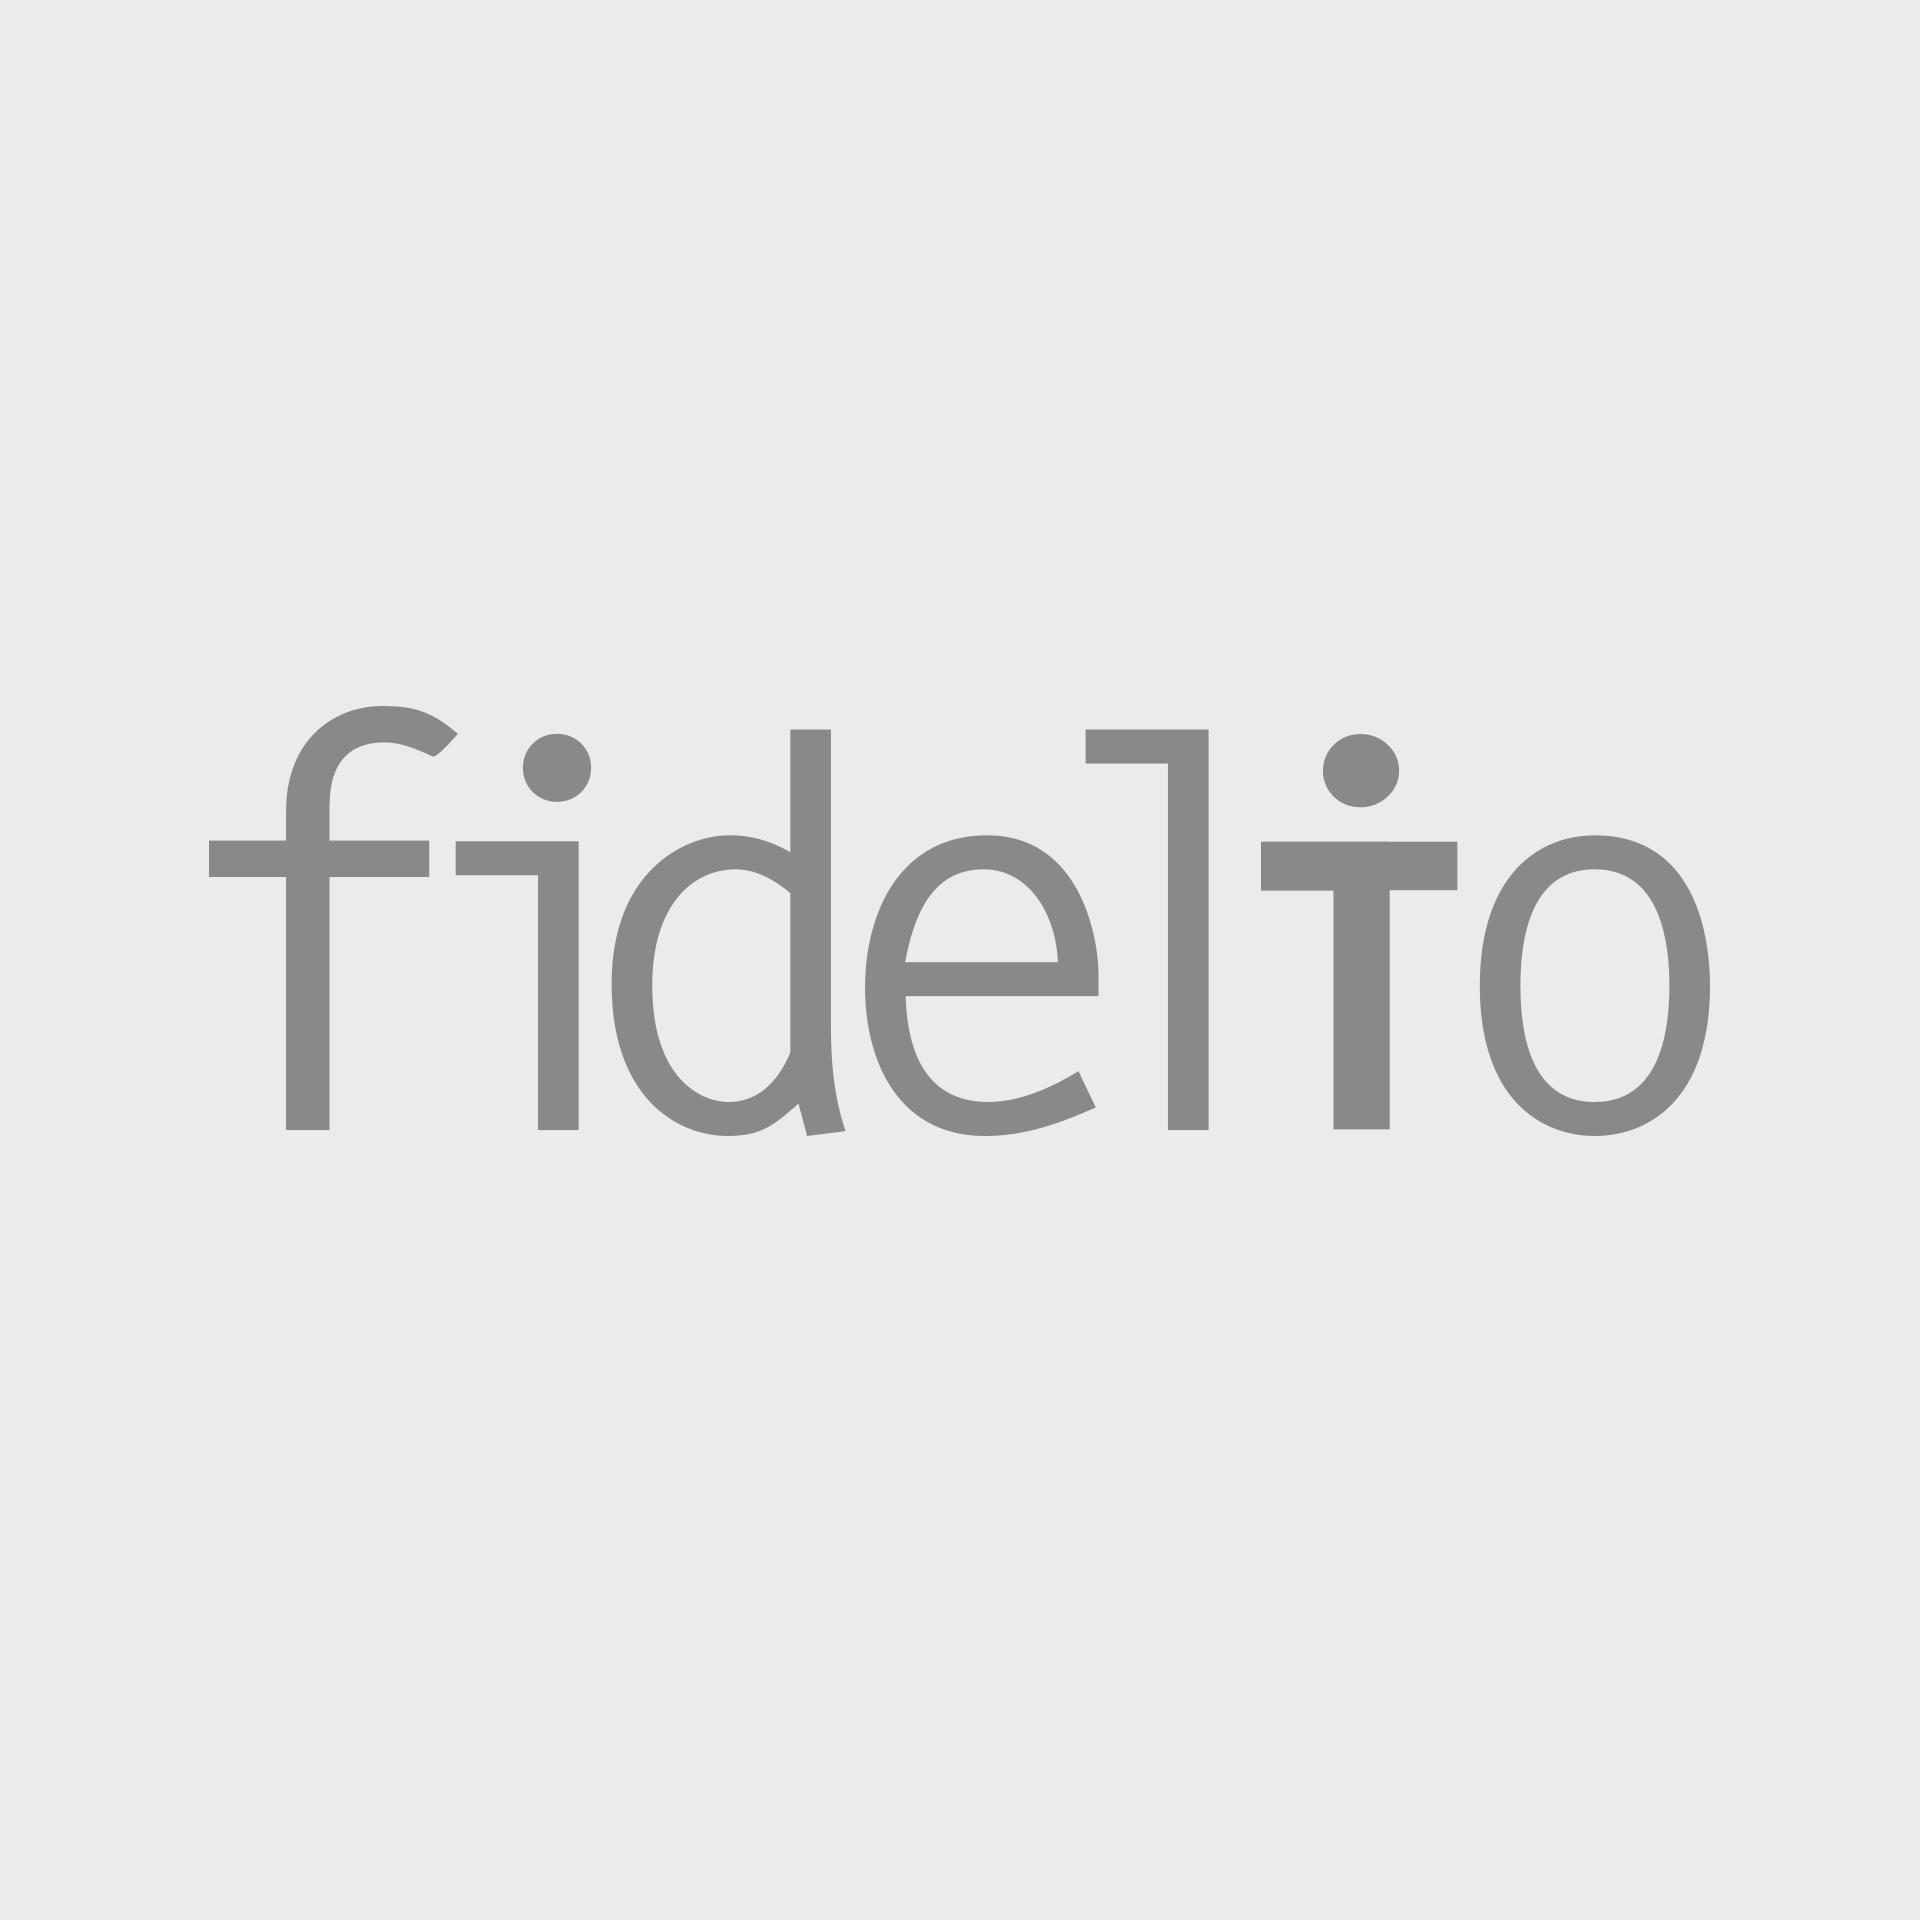 6e842692673d Josephine Baker érzéki tánca még Kosztolányit is zavarba hozta - Fidelio.hu